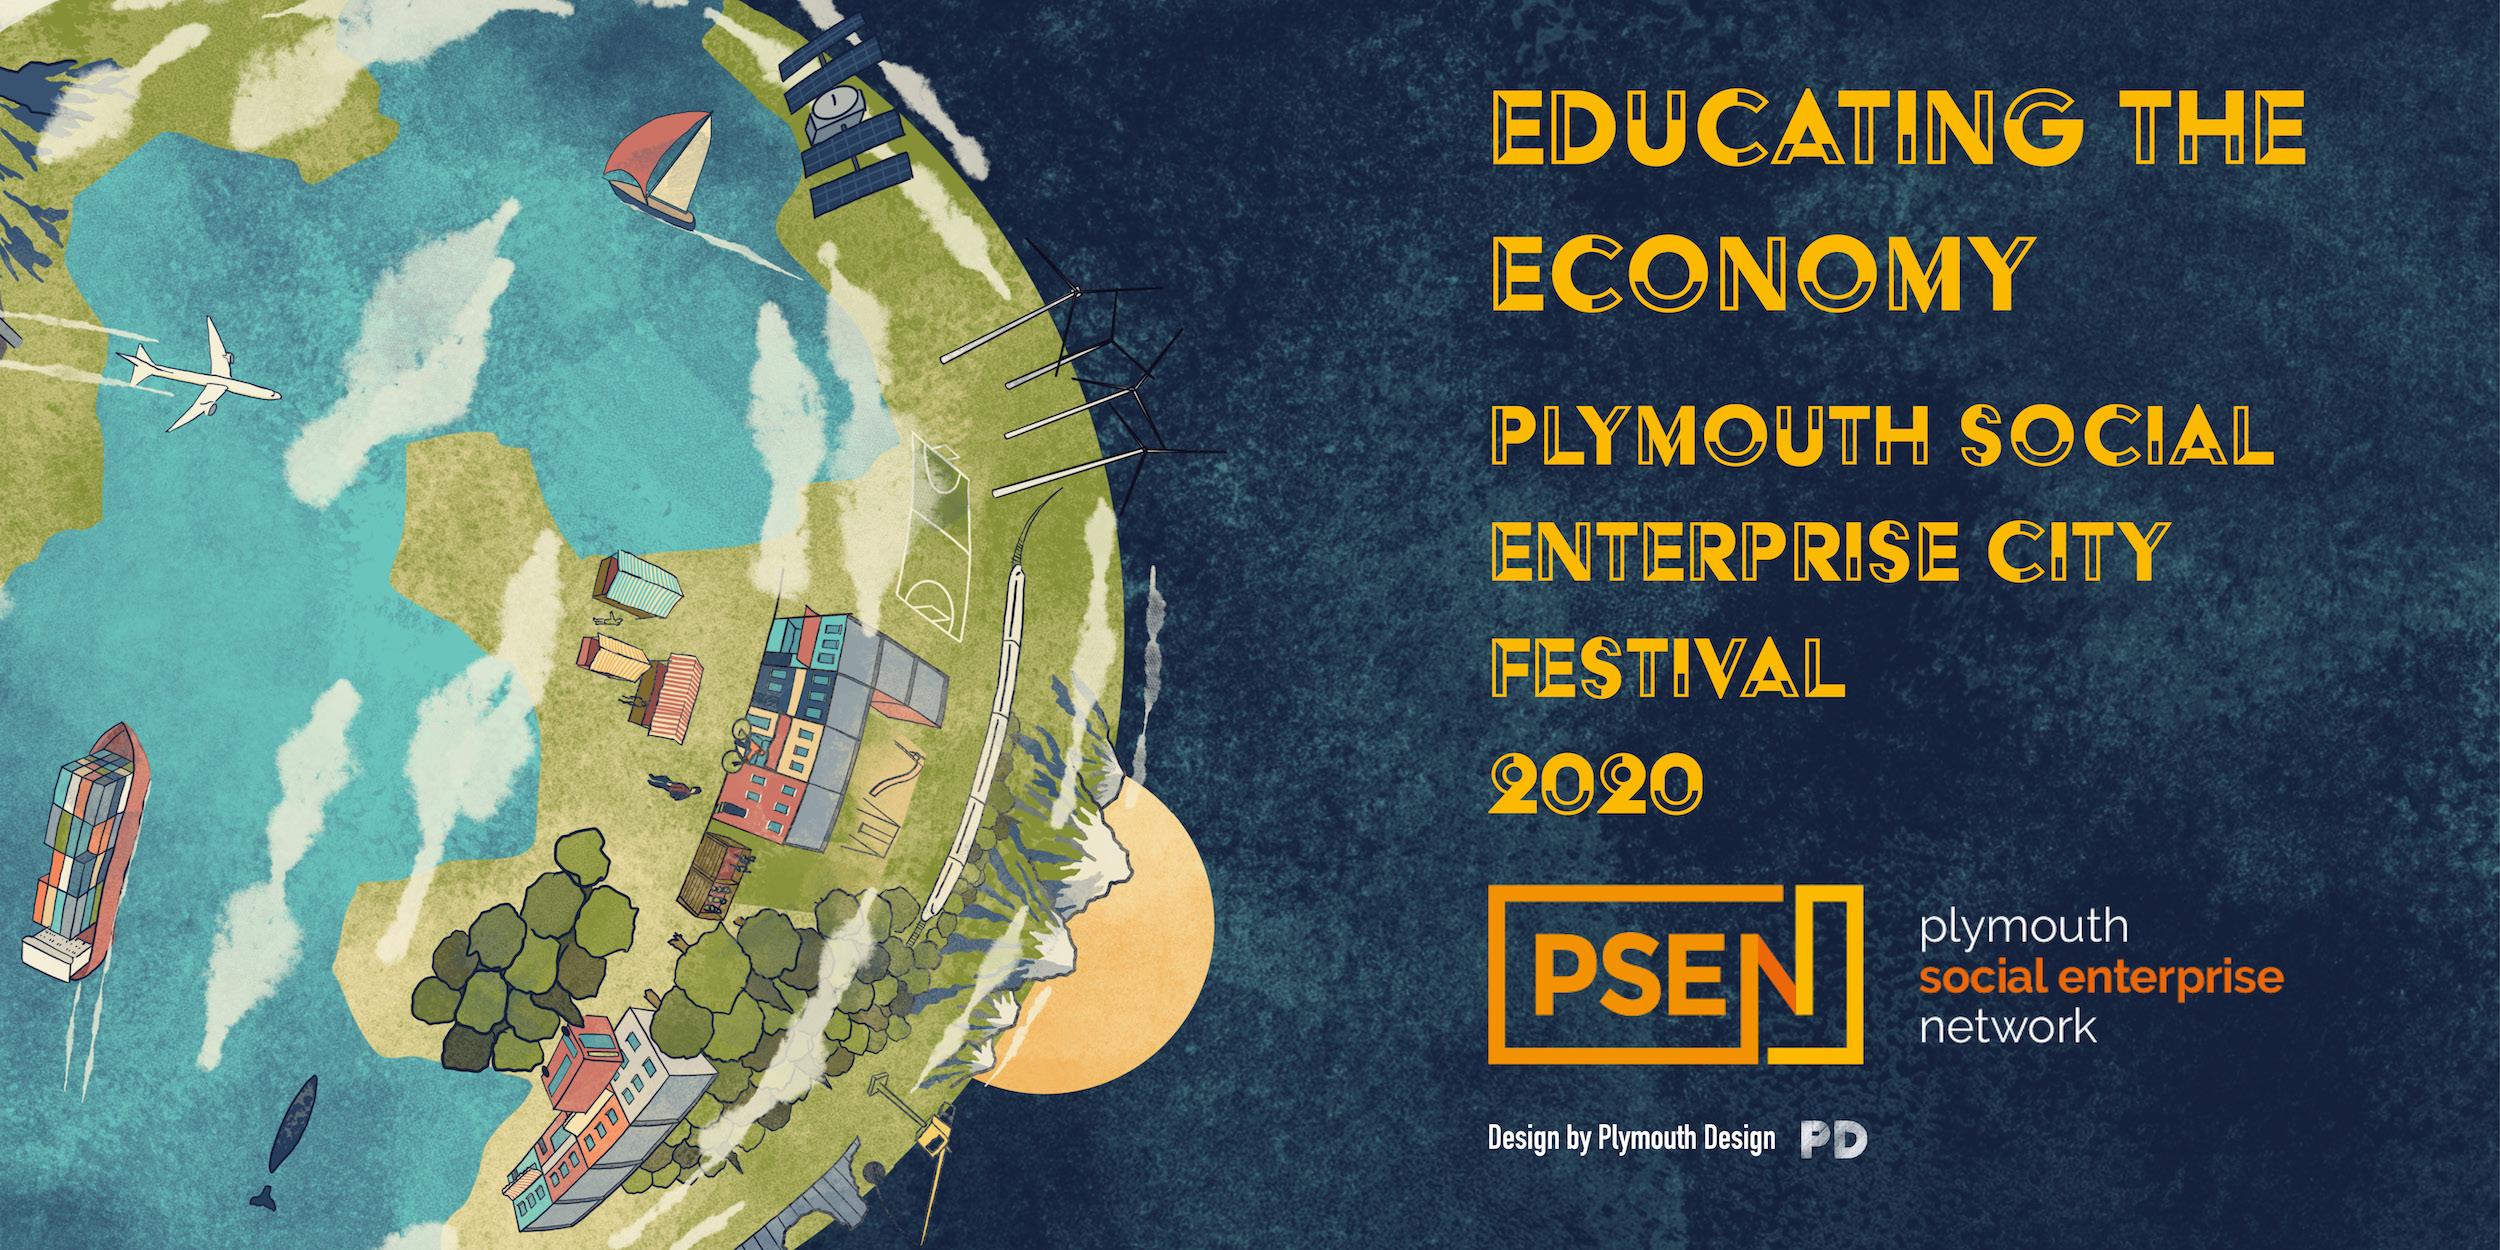 Social Enterprise City Festival 2020 banner